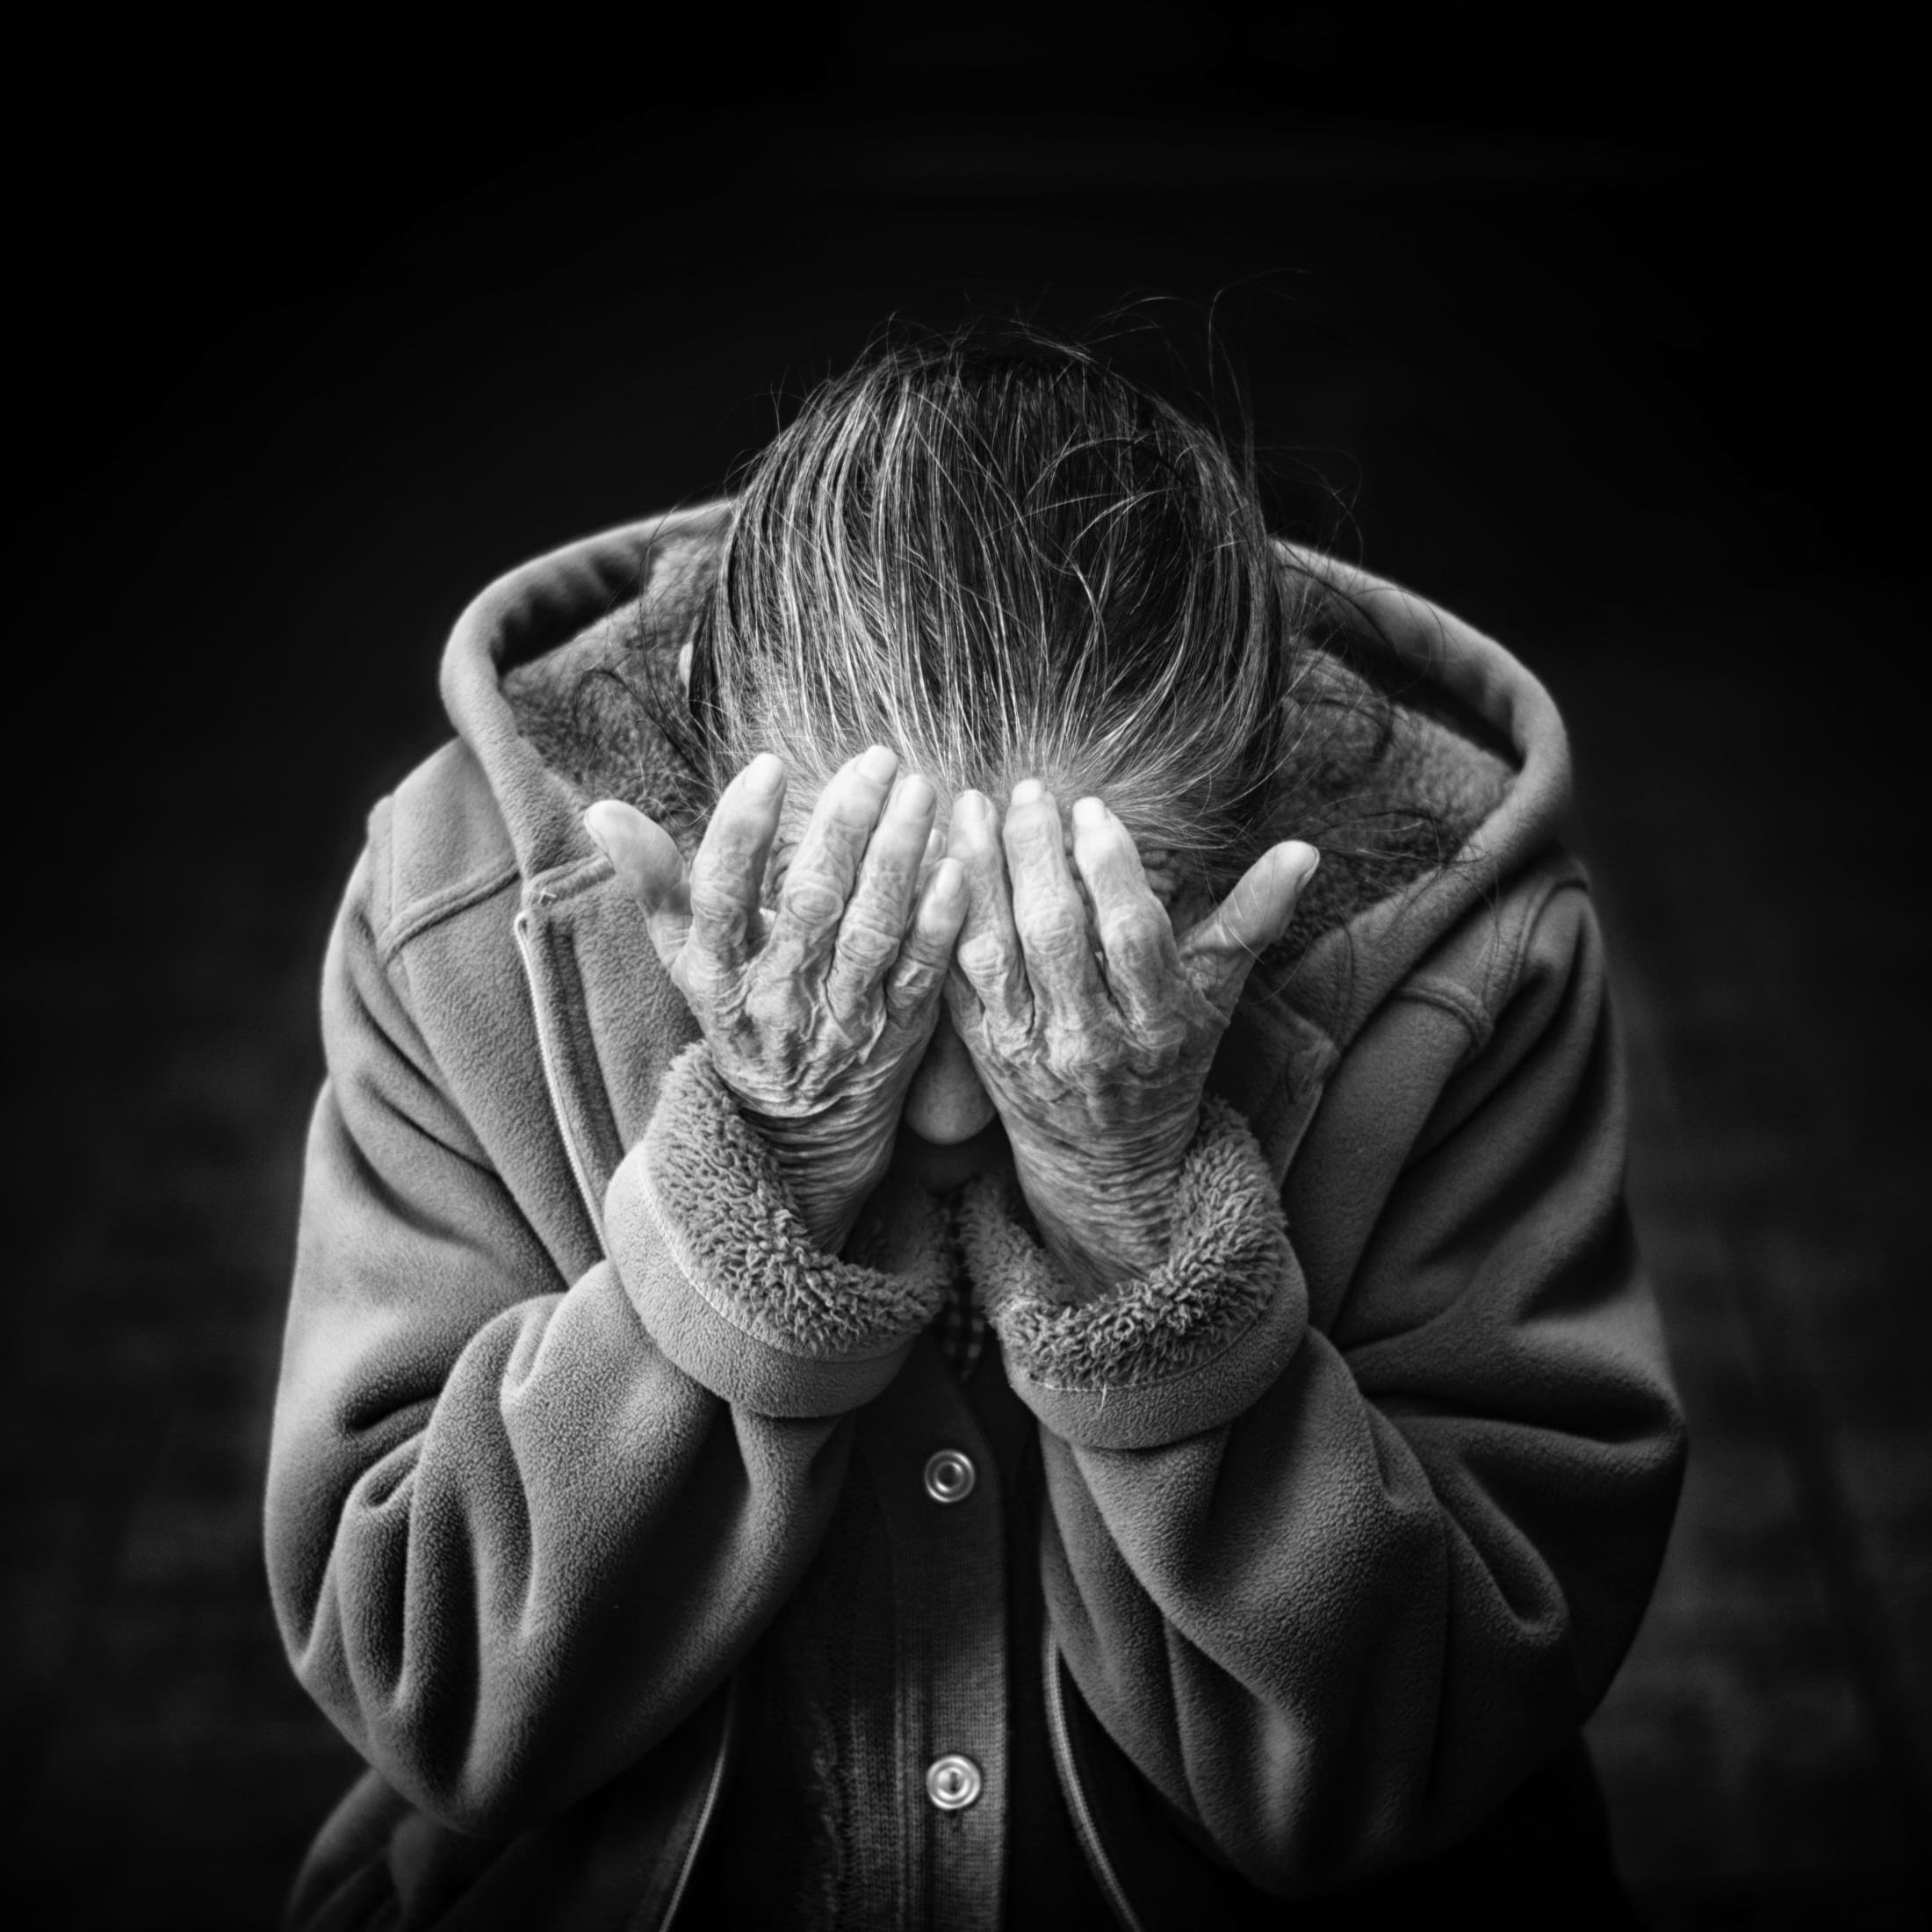 Imagem de uma idosa com as mãos na cabeça